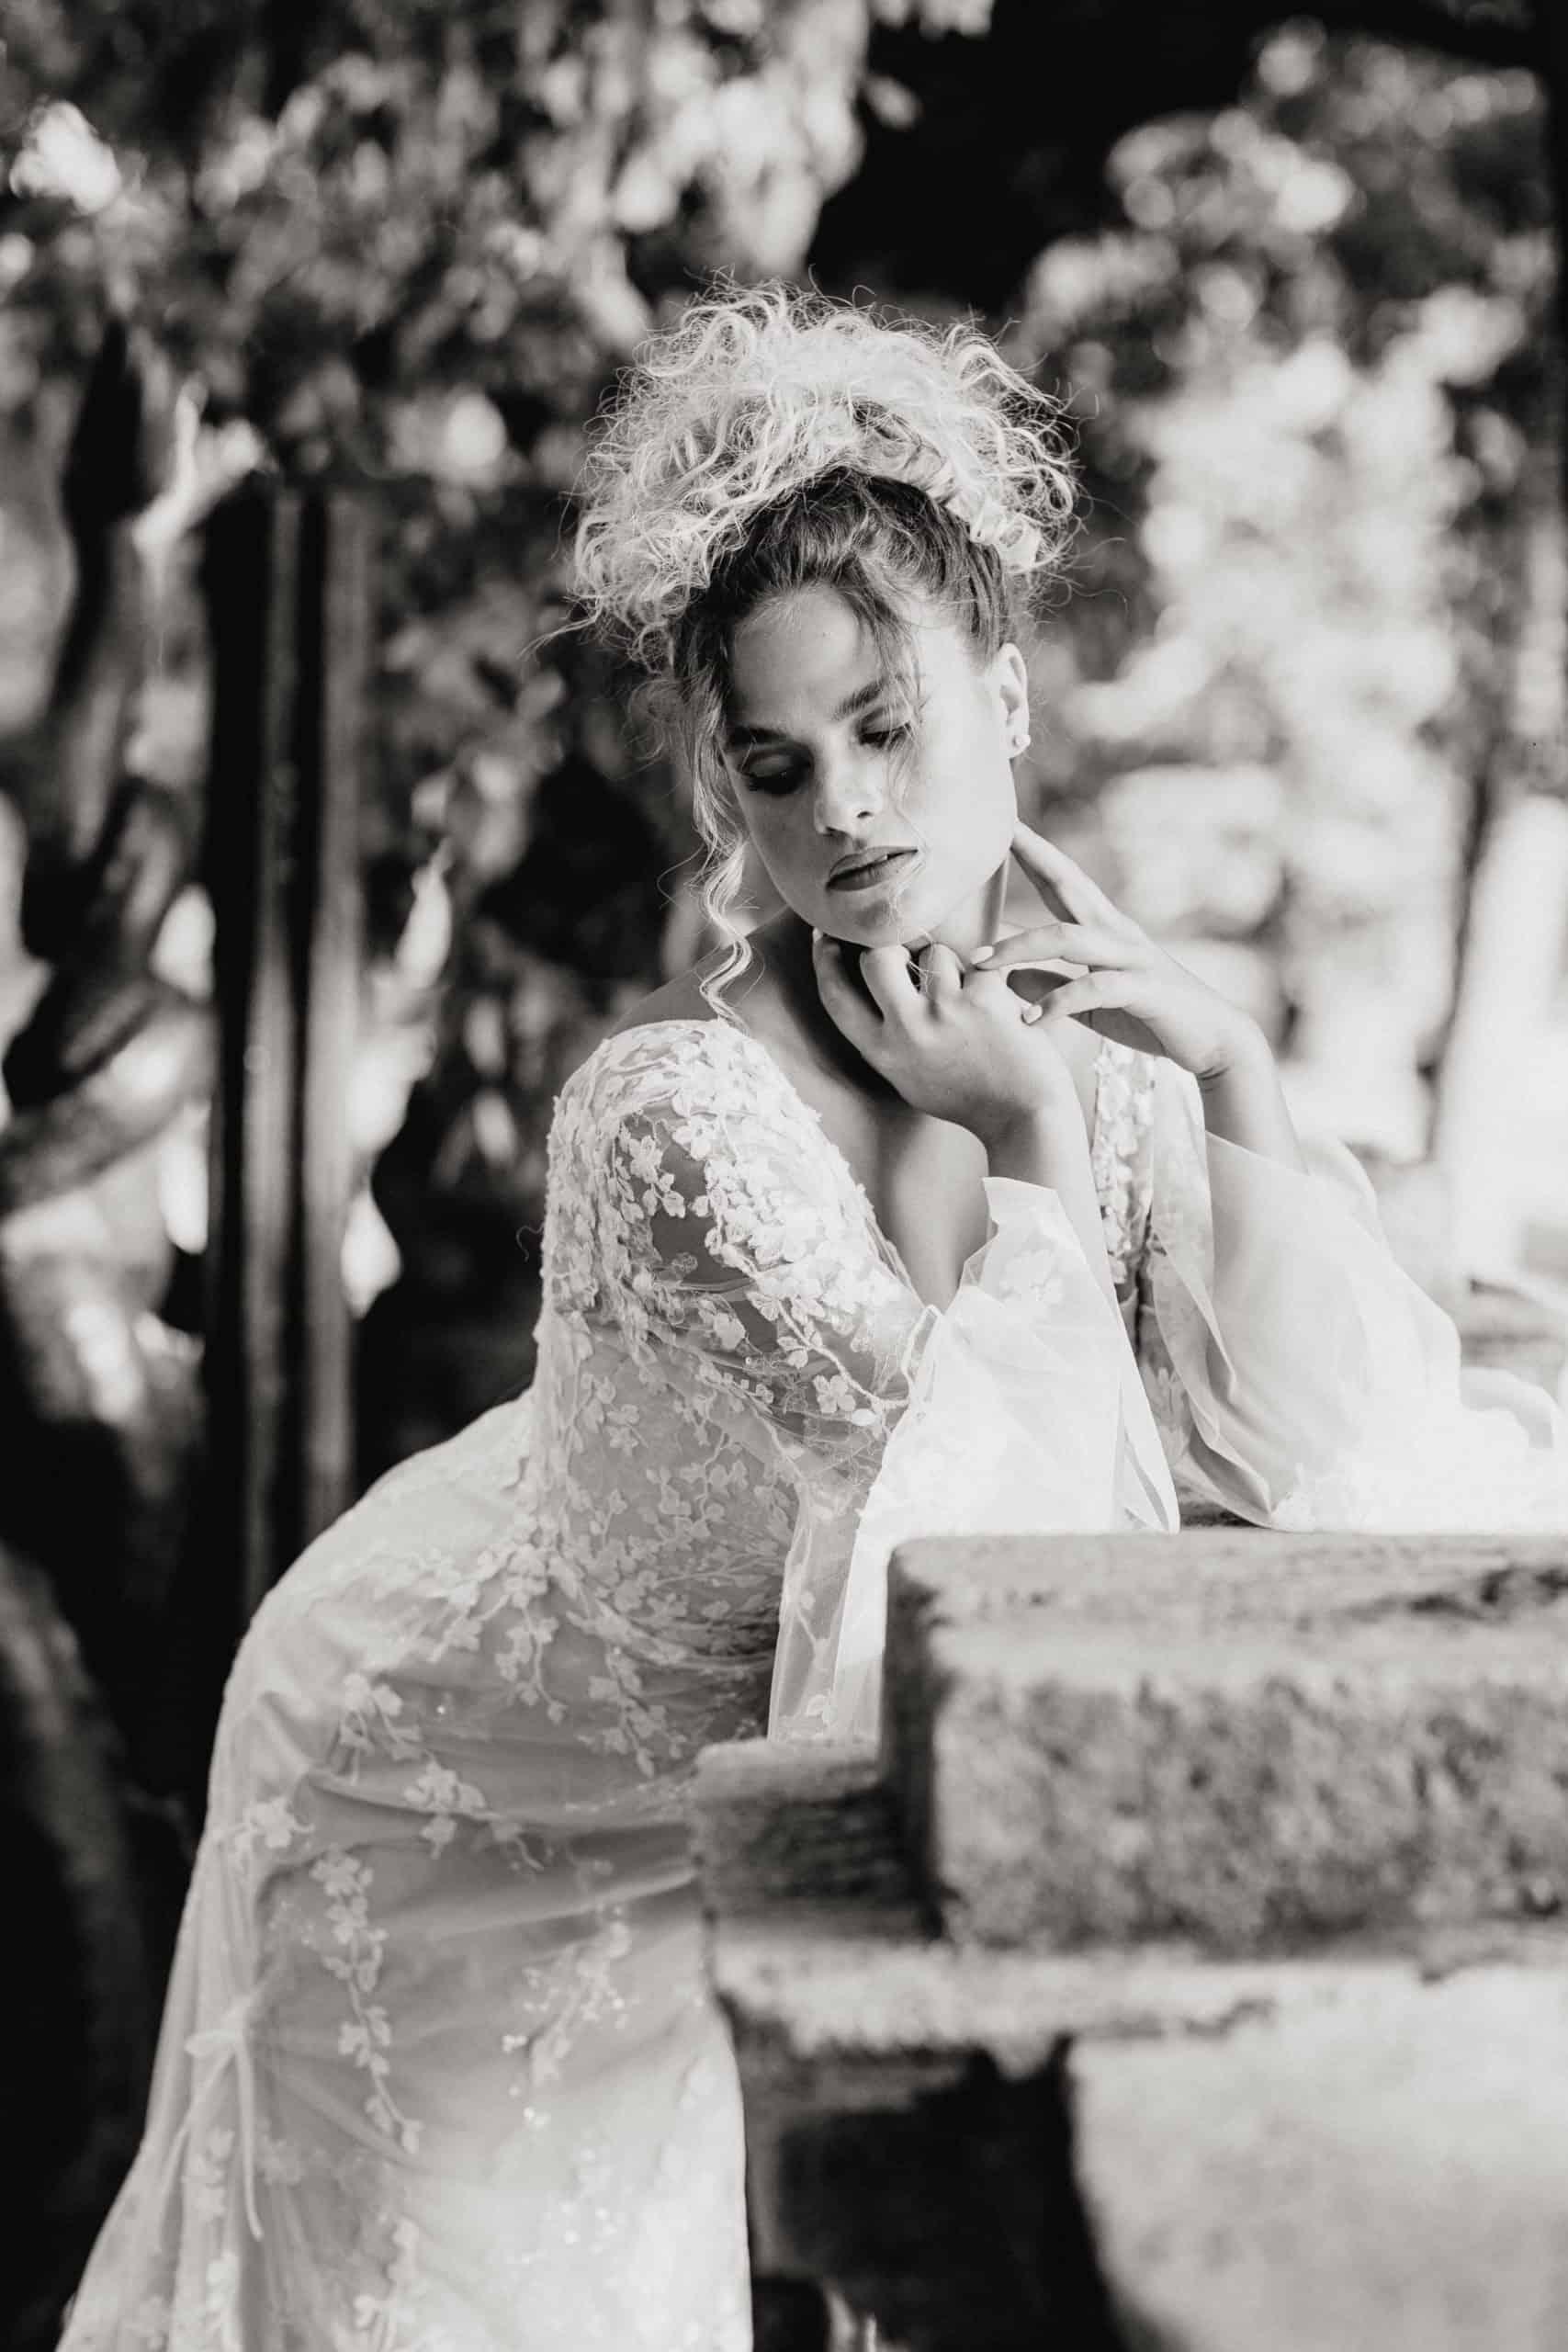 Madi Lane kollekciónk Briony modellje. A fotó Budapesten a romantikus Városligetben készült.